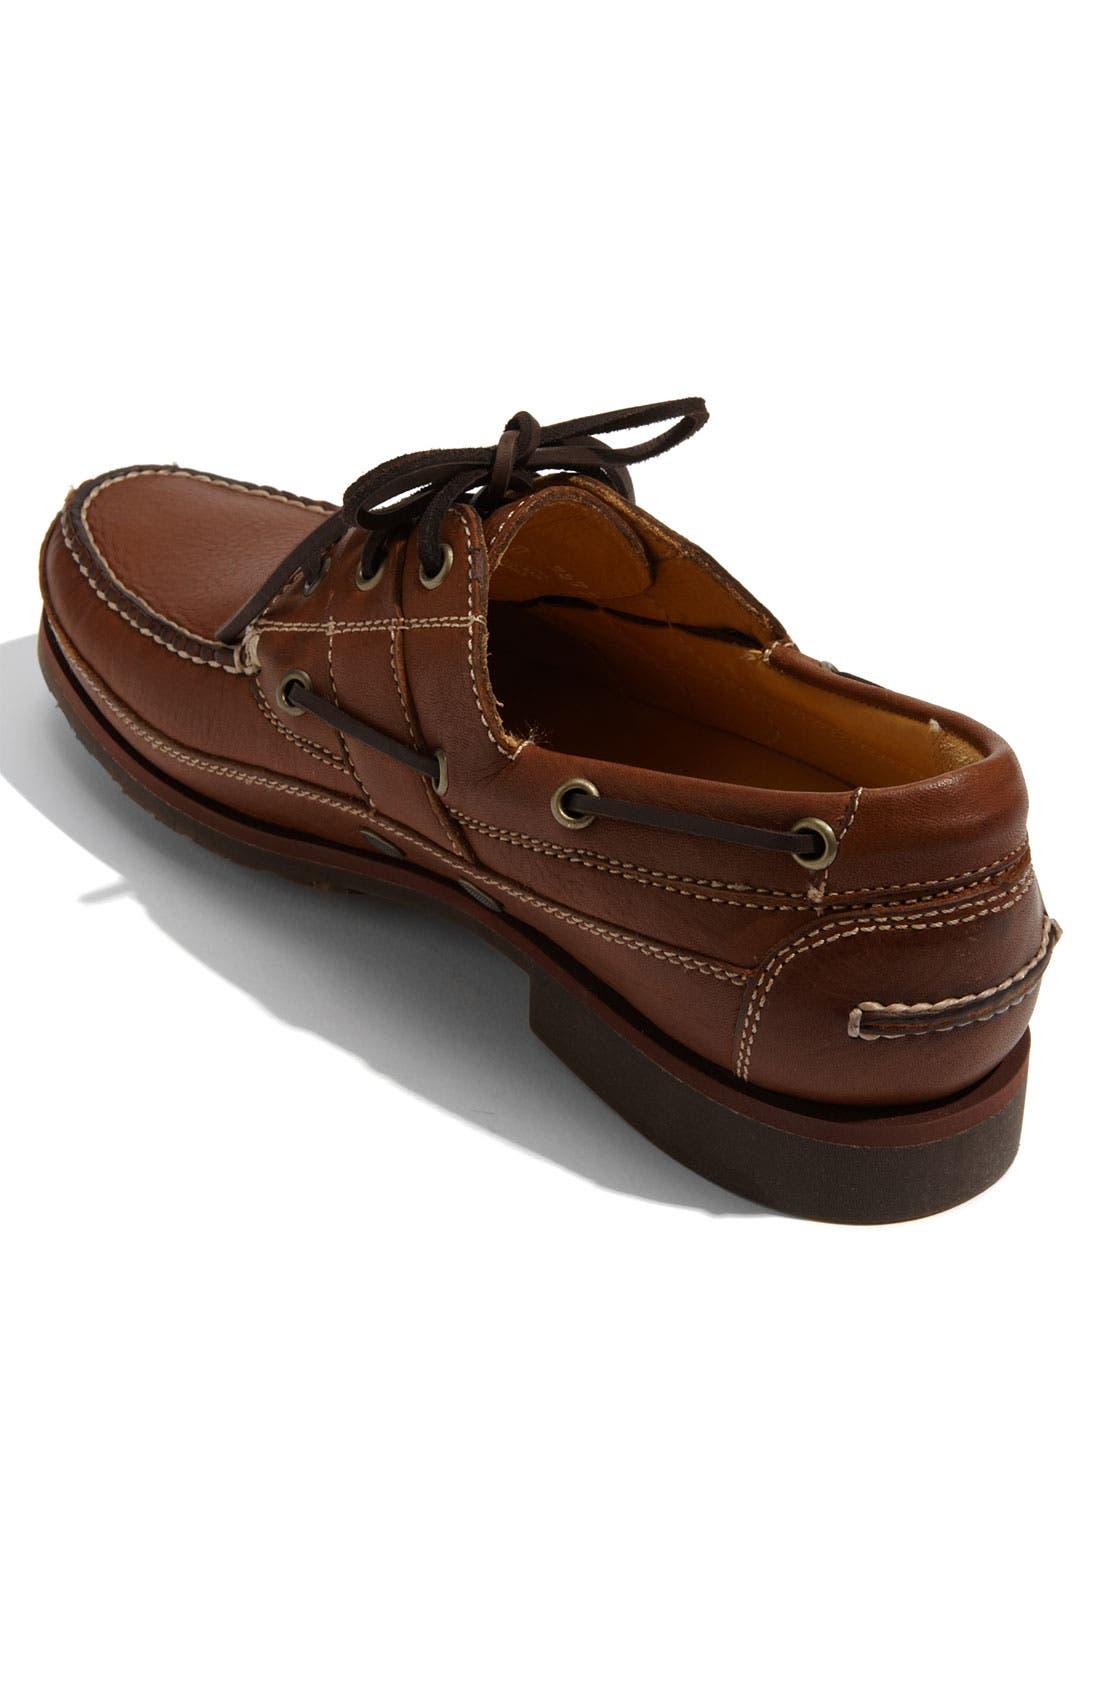 'Bridgeport' Boat Shoe,                             Alternate thumbnail 2, color,